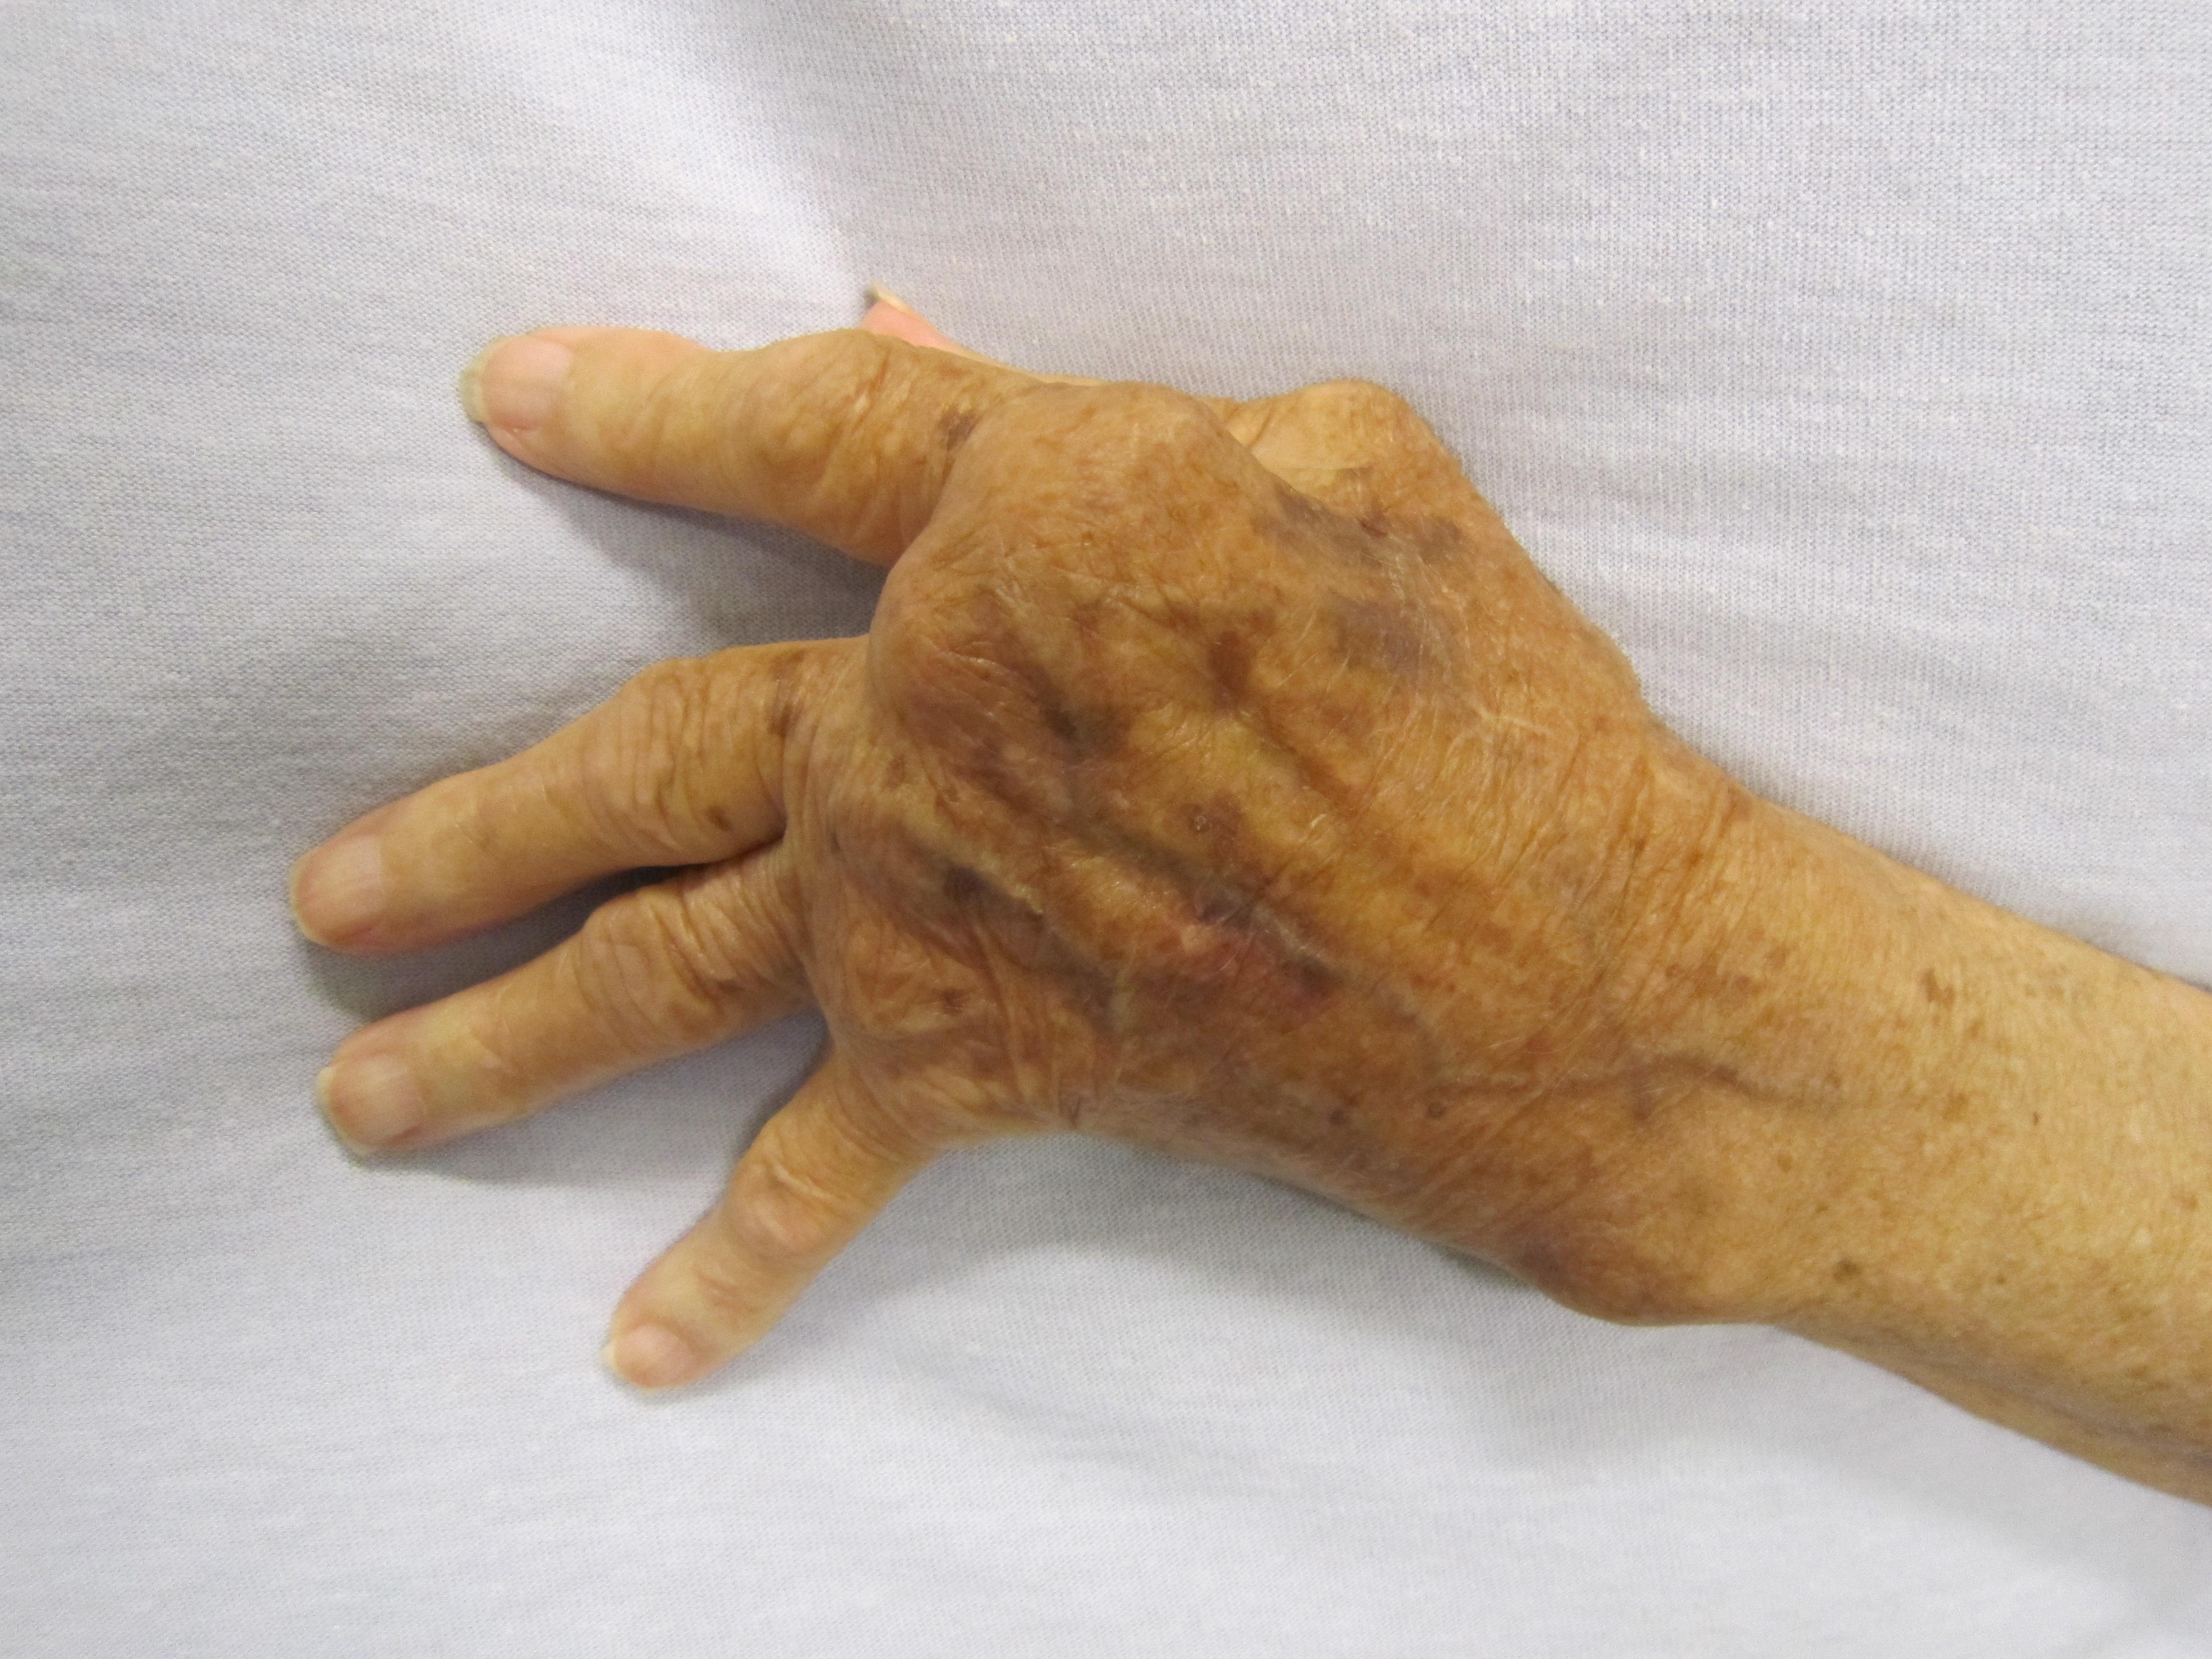 ízületi fájdalmak fájdalmat okoznak, és hogyan kell kezelni krém a csípőízület fájdalmához